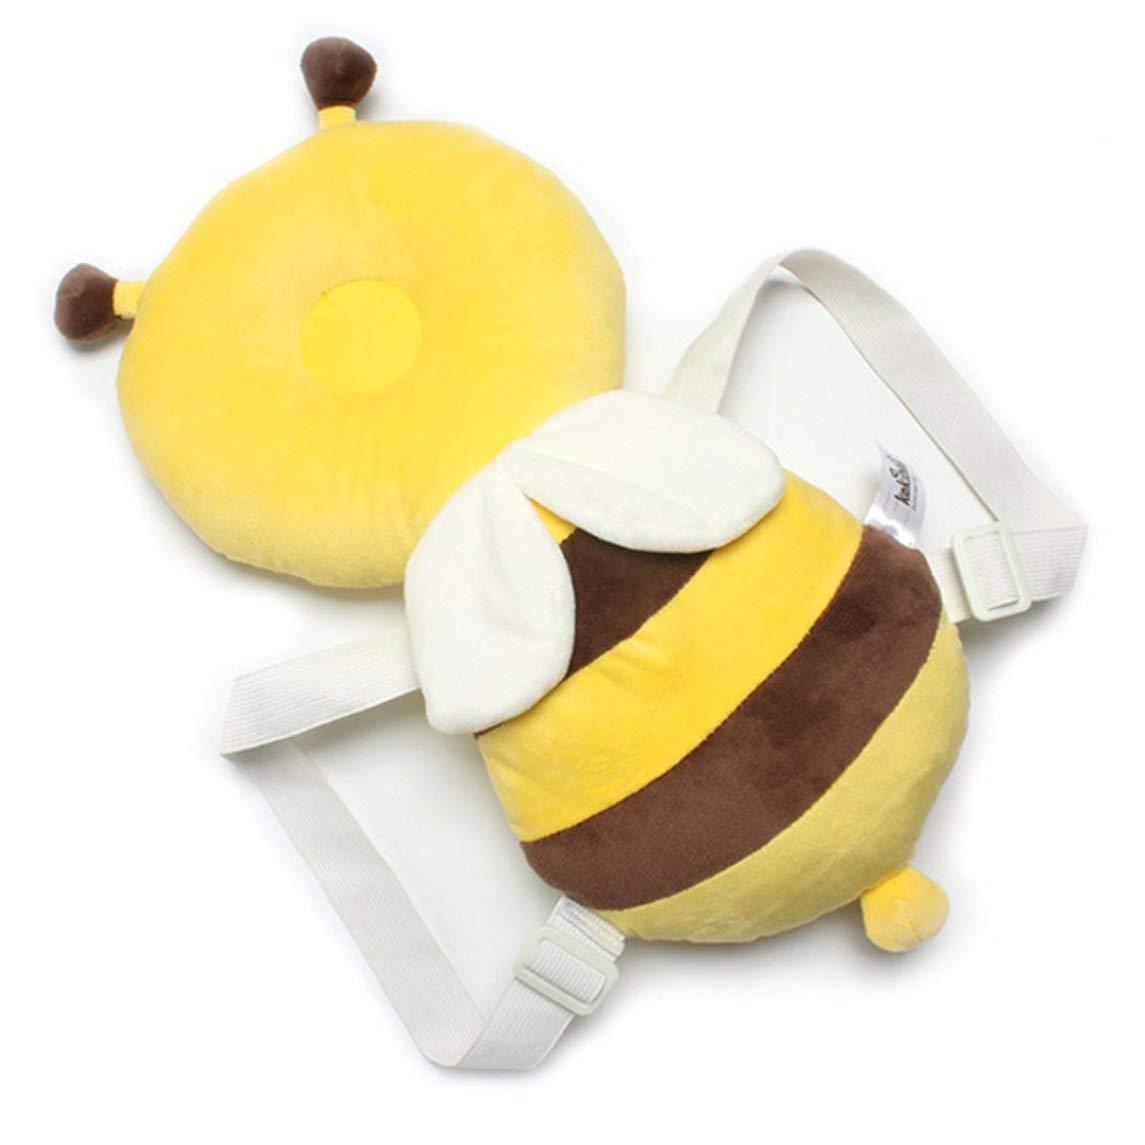 Baby Kopfschutz Pad Kleinkind Kopfst/ütze Kissen Baby Pflege Fallschutz Kissen Cute Rucksack Matte f/ür Baby Kids JBP-X